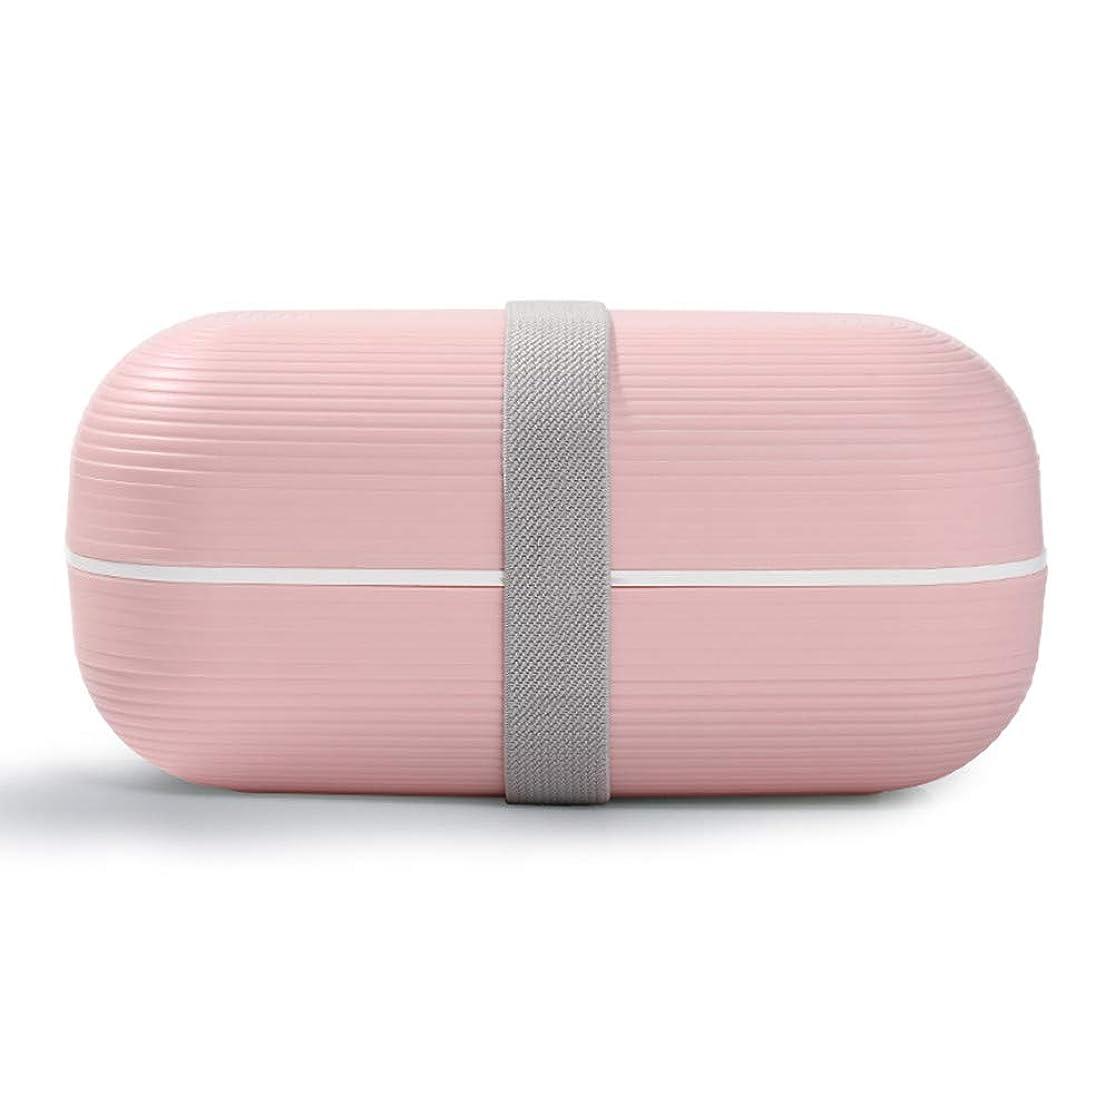 協力する逮捕ポンプポータブルランチボックス電子レンジ加熱ランチボックス 大容量 ランチボックス 保温弁当箱 ピクニックケース (ピンク)